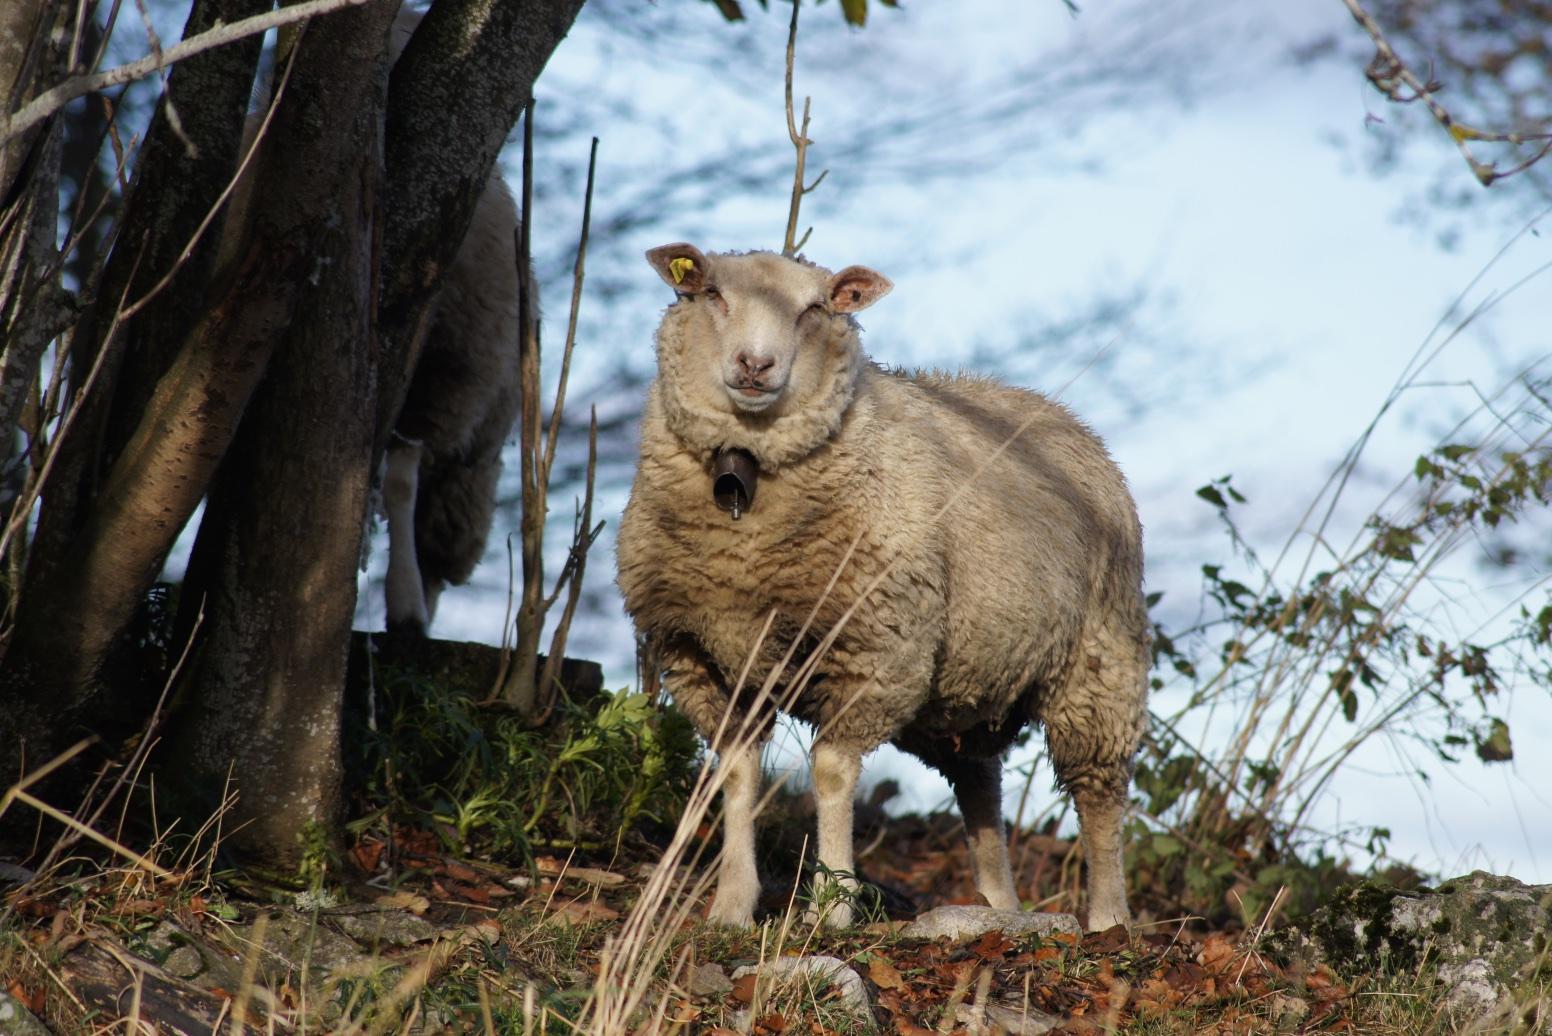 Mouton de campagne, La Chaux-de-Fonds, 16 novembre 2014